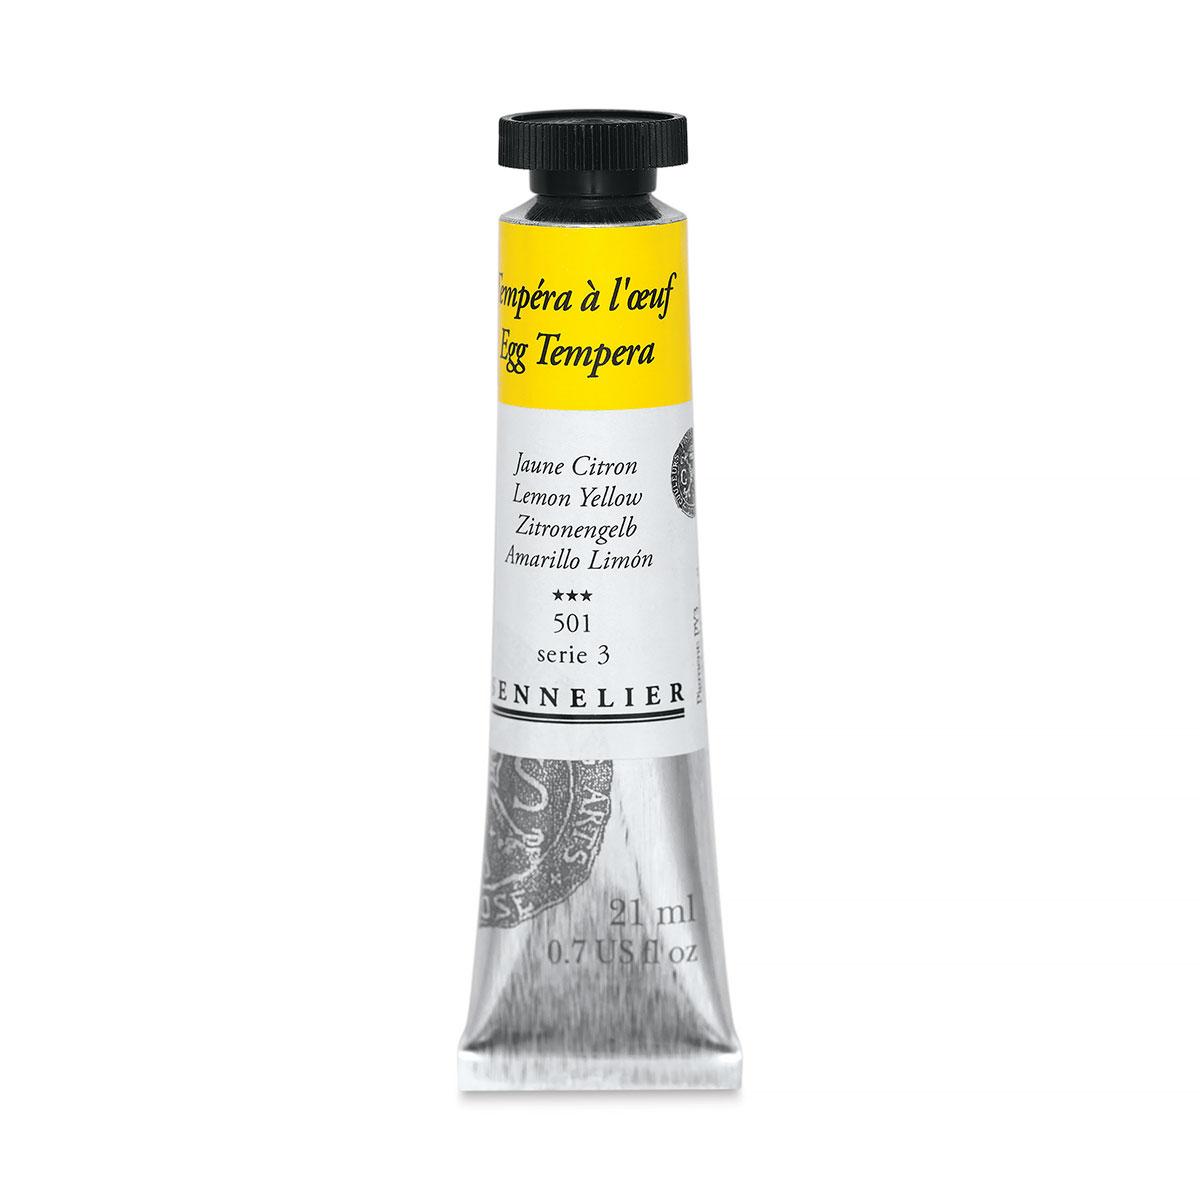 Sennelier Artists Egg Tempera - Lemon Yellow, 21 ml tube